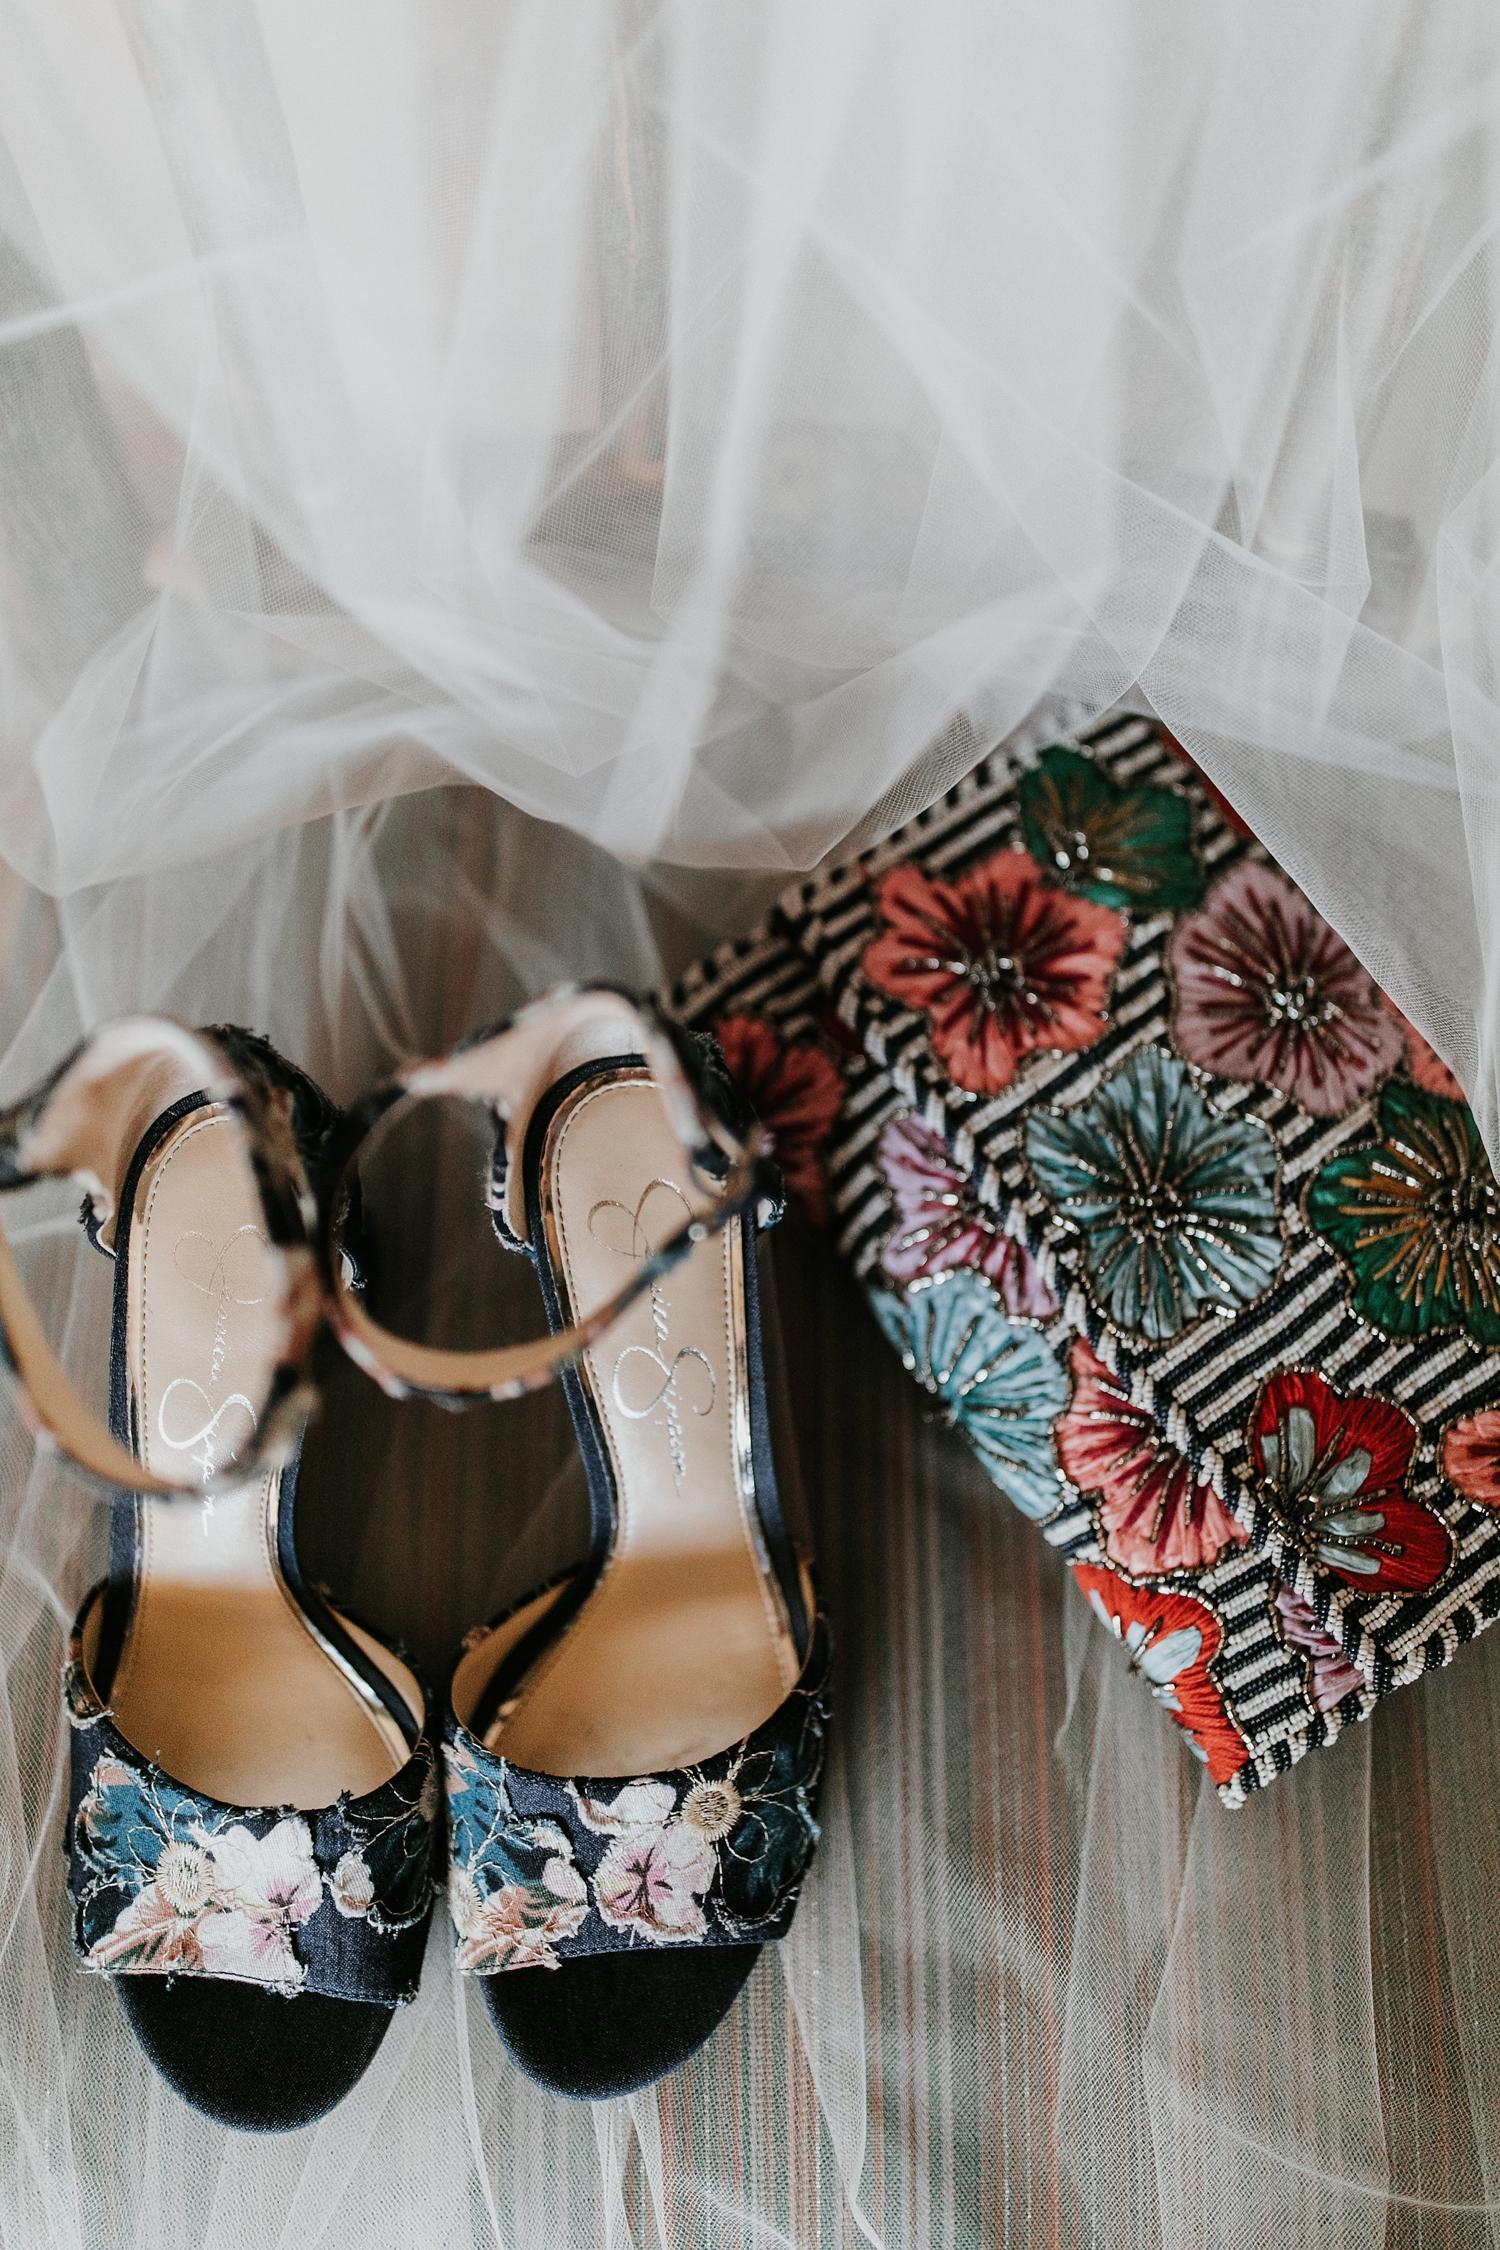 Alicia+lucia+photography+-+albuquerque+wedding+photographer+-+santa+fe+wedding+photography+-+new+mexico+wedding+photographer+-+wedding+bridal+shoe+-+wedding+style+edit_0007.jpg